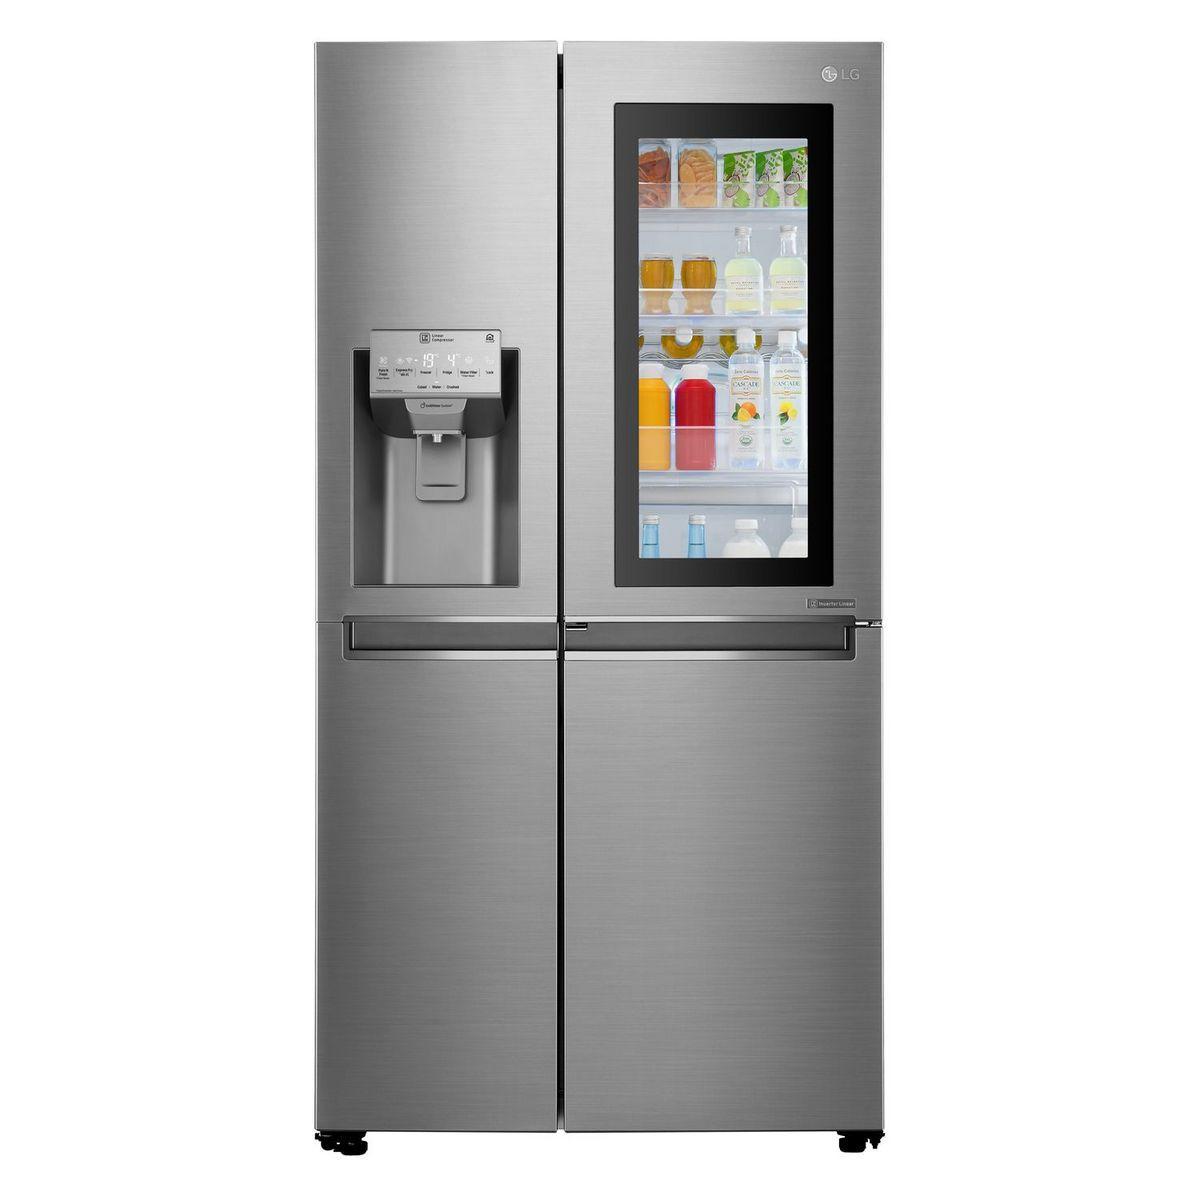 Réfrigérateur américain GSI960PZAZ, 601 l, Froid no frost